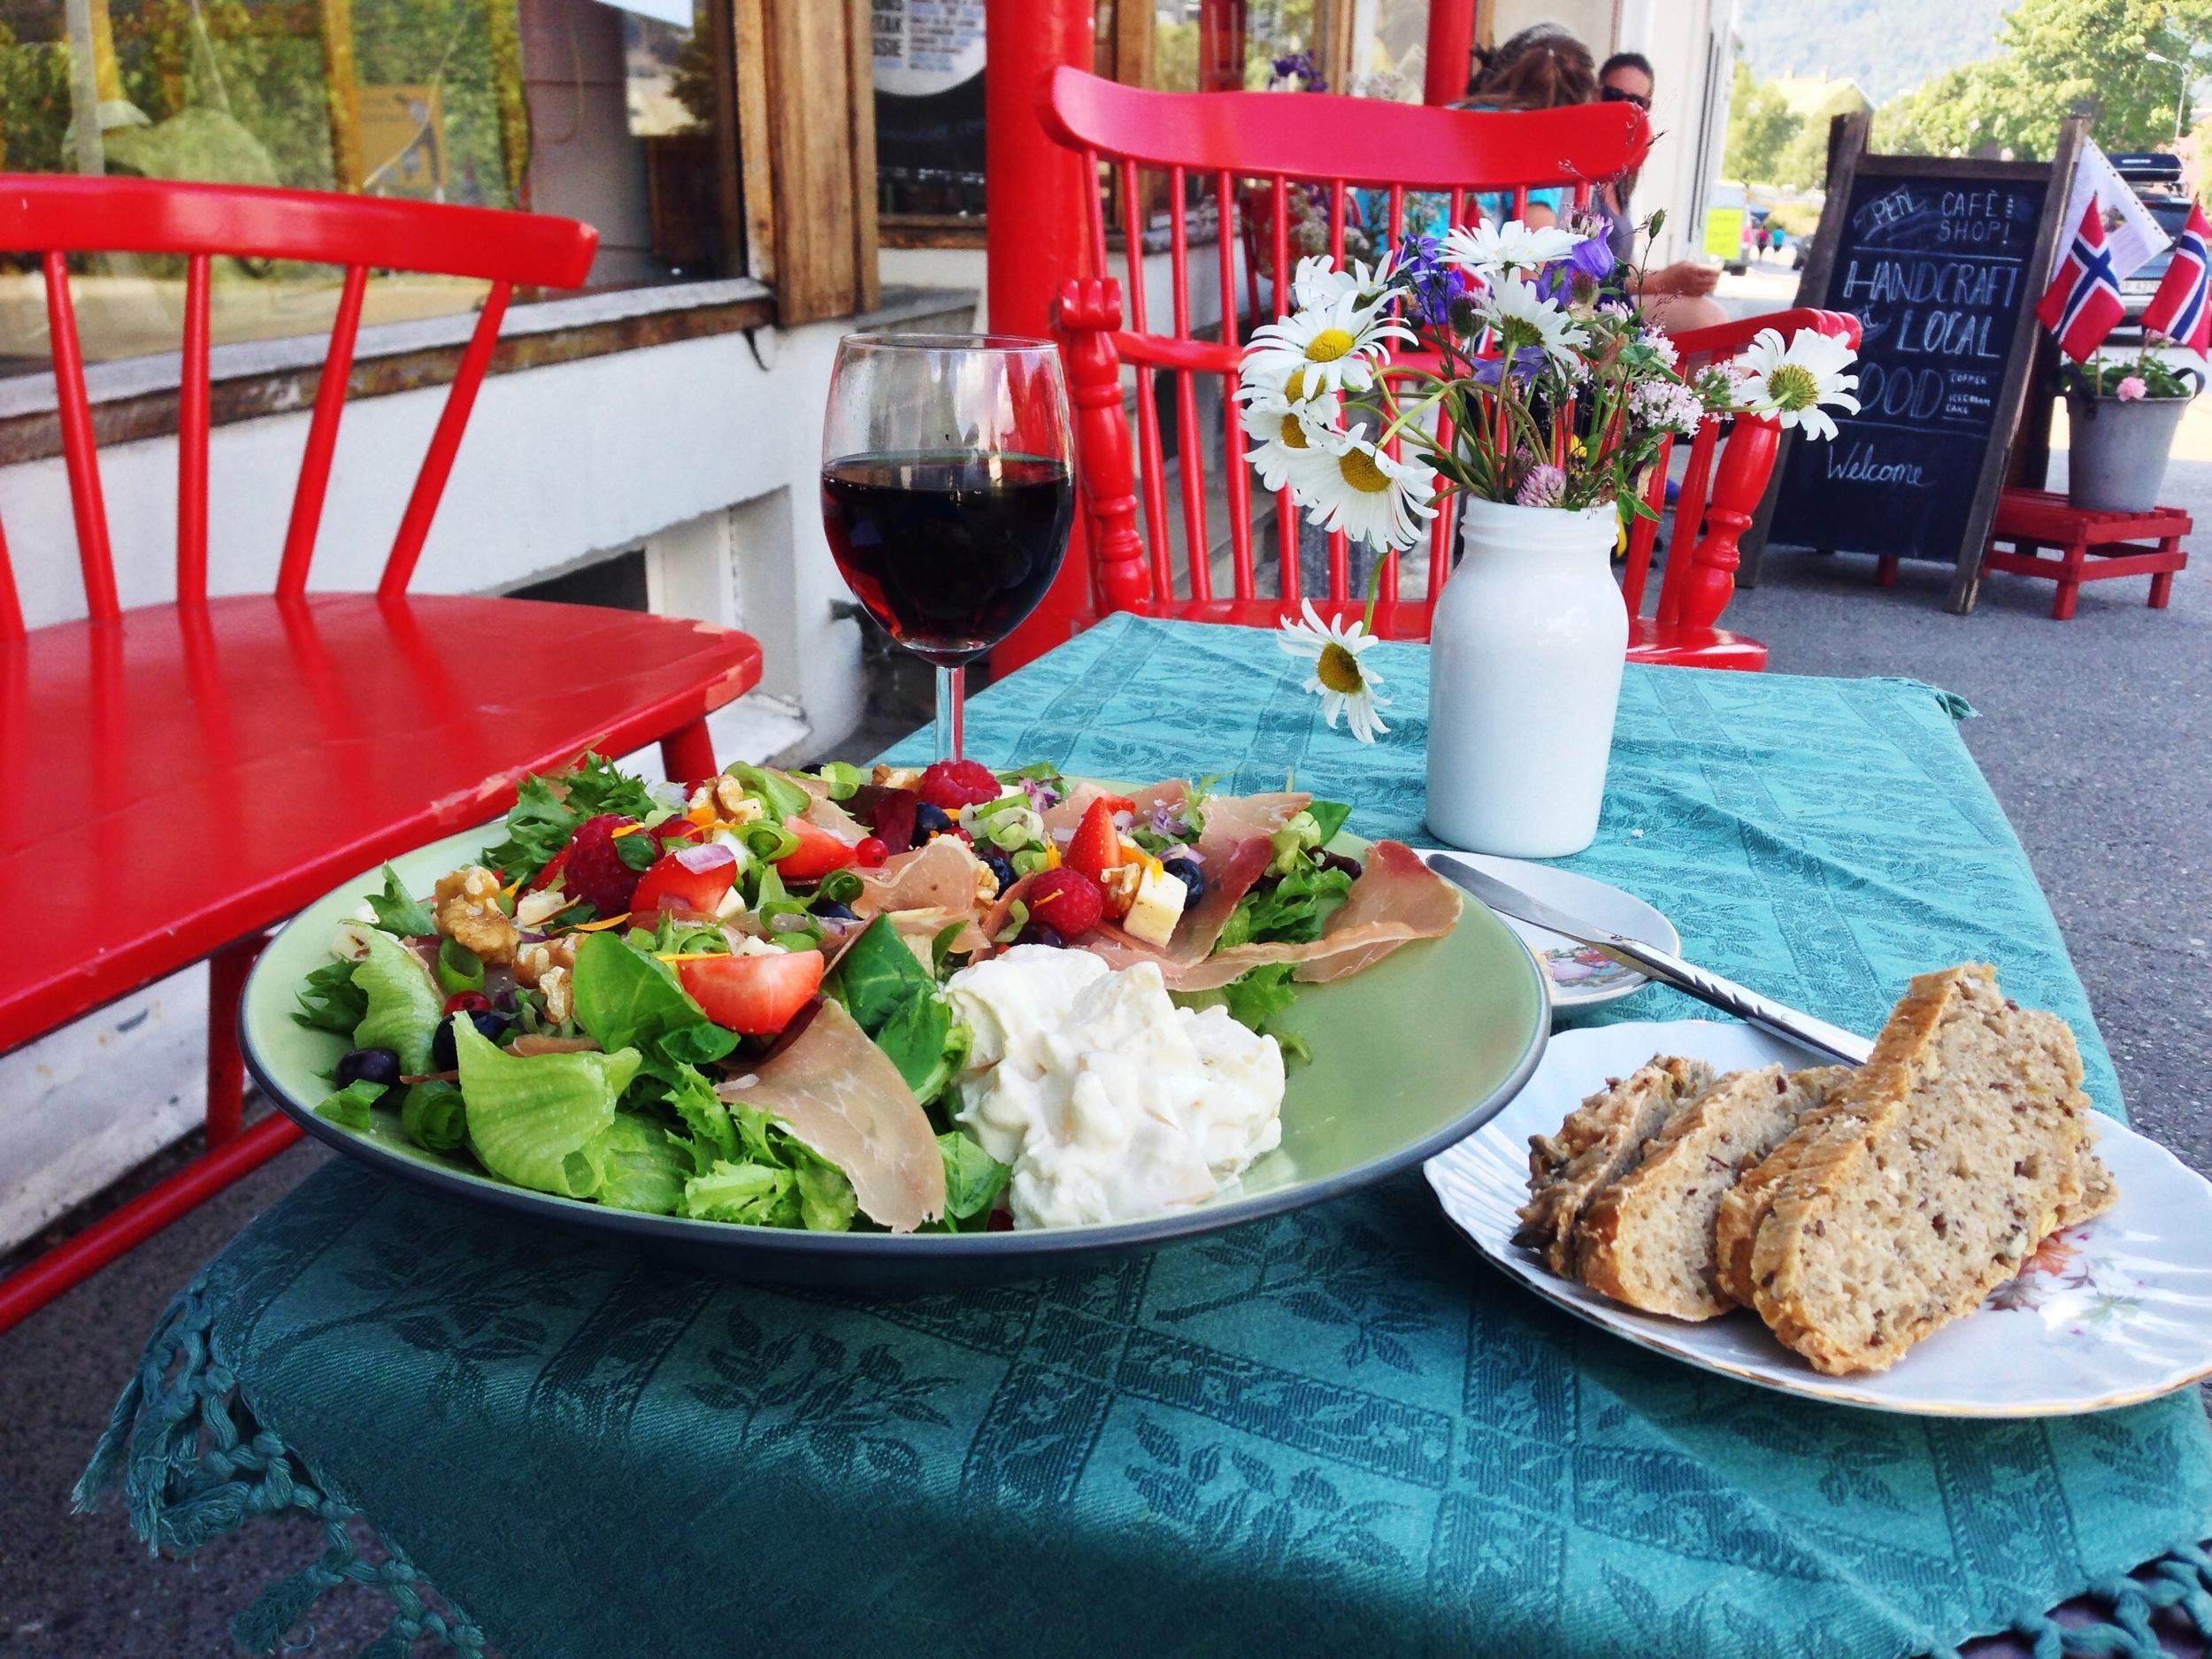 Denne salaten inneholder både blåbær, jordbær, bringebær, fetaost, skinke og mye annet snadder. Foto: Odd Roar Lange